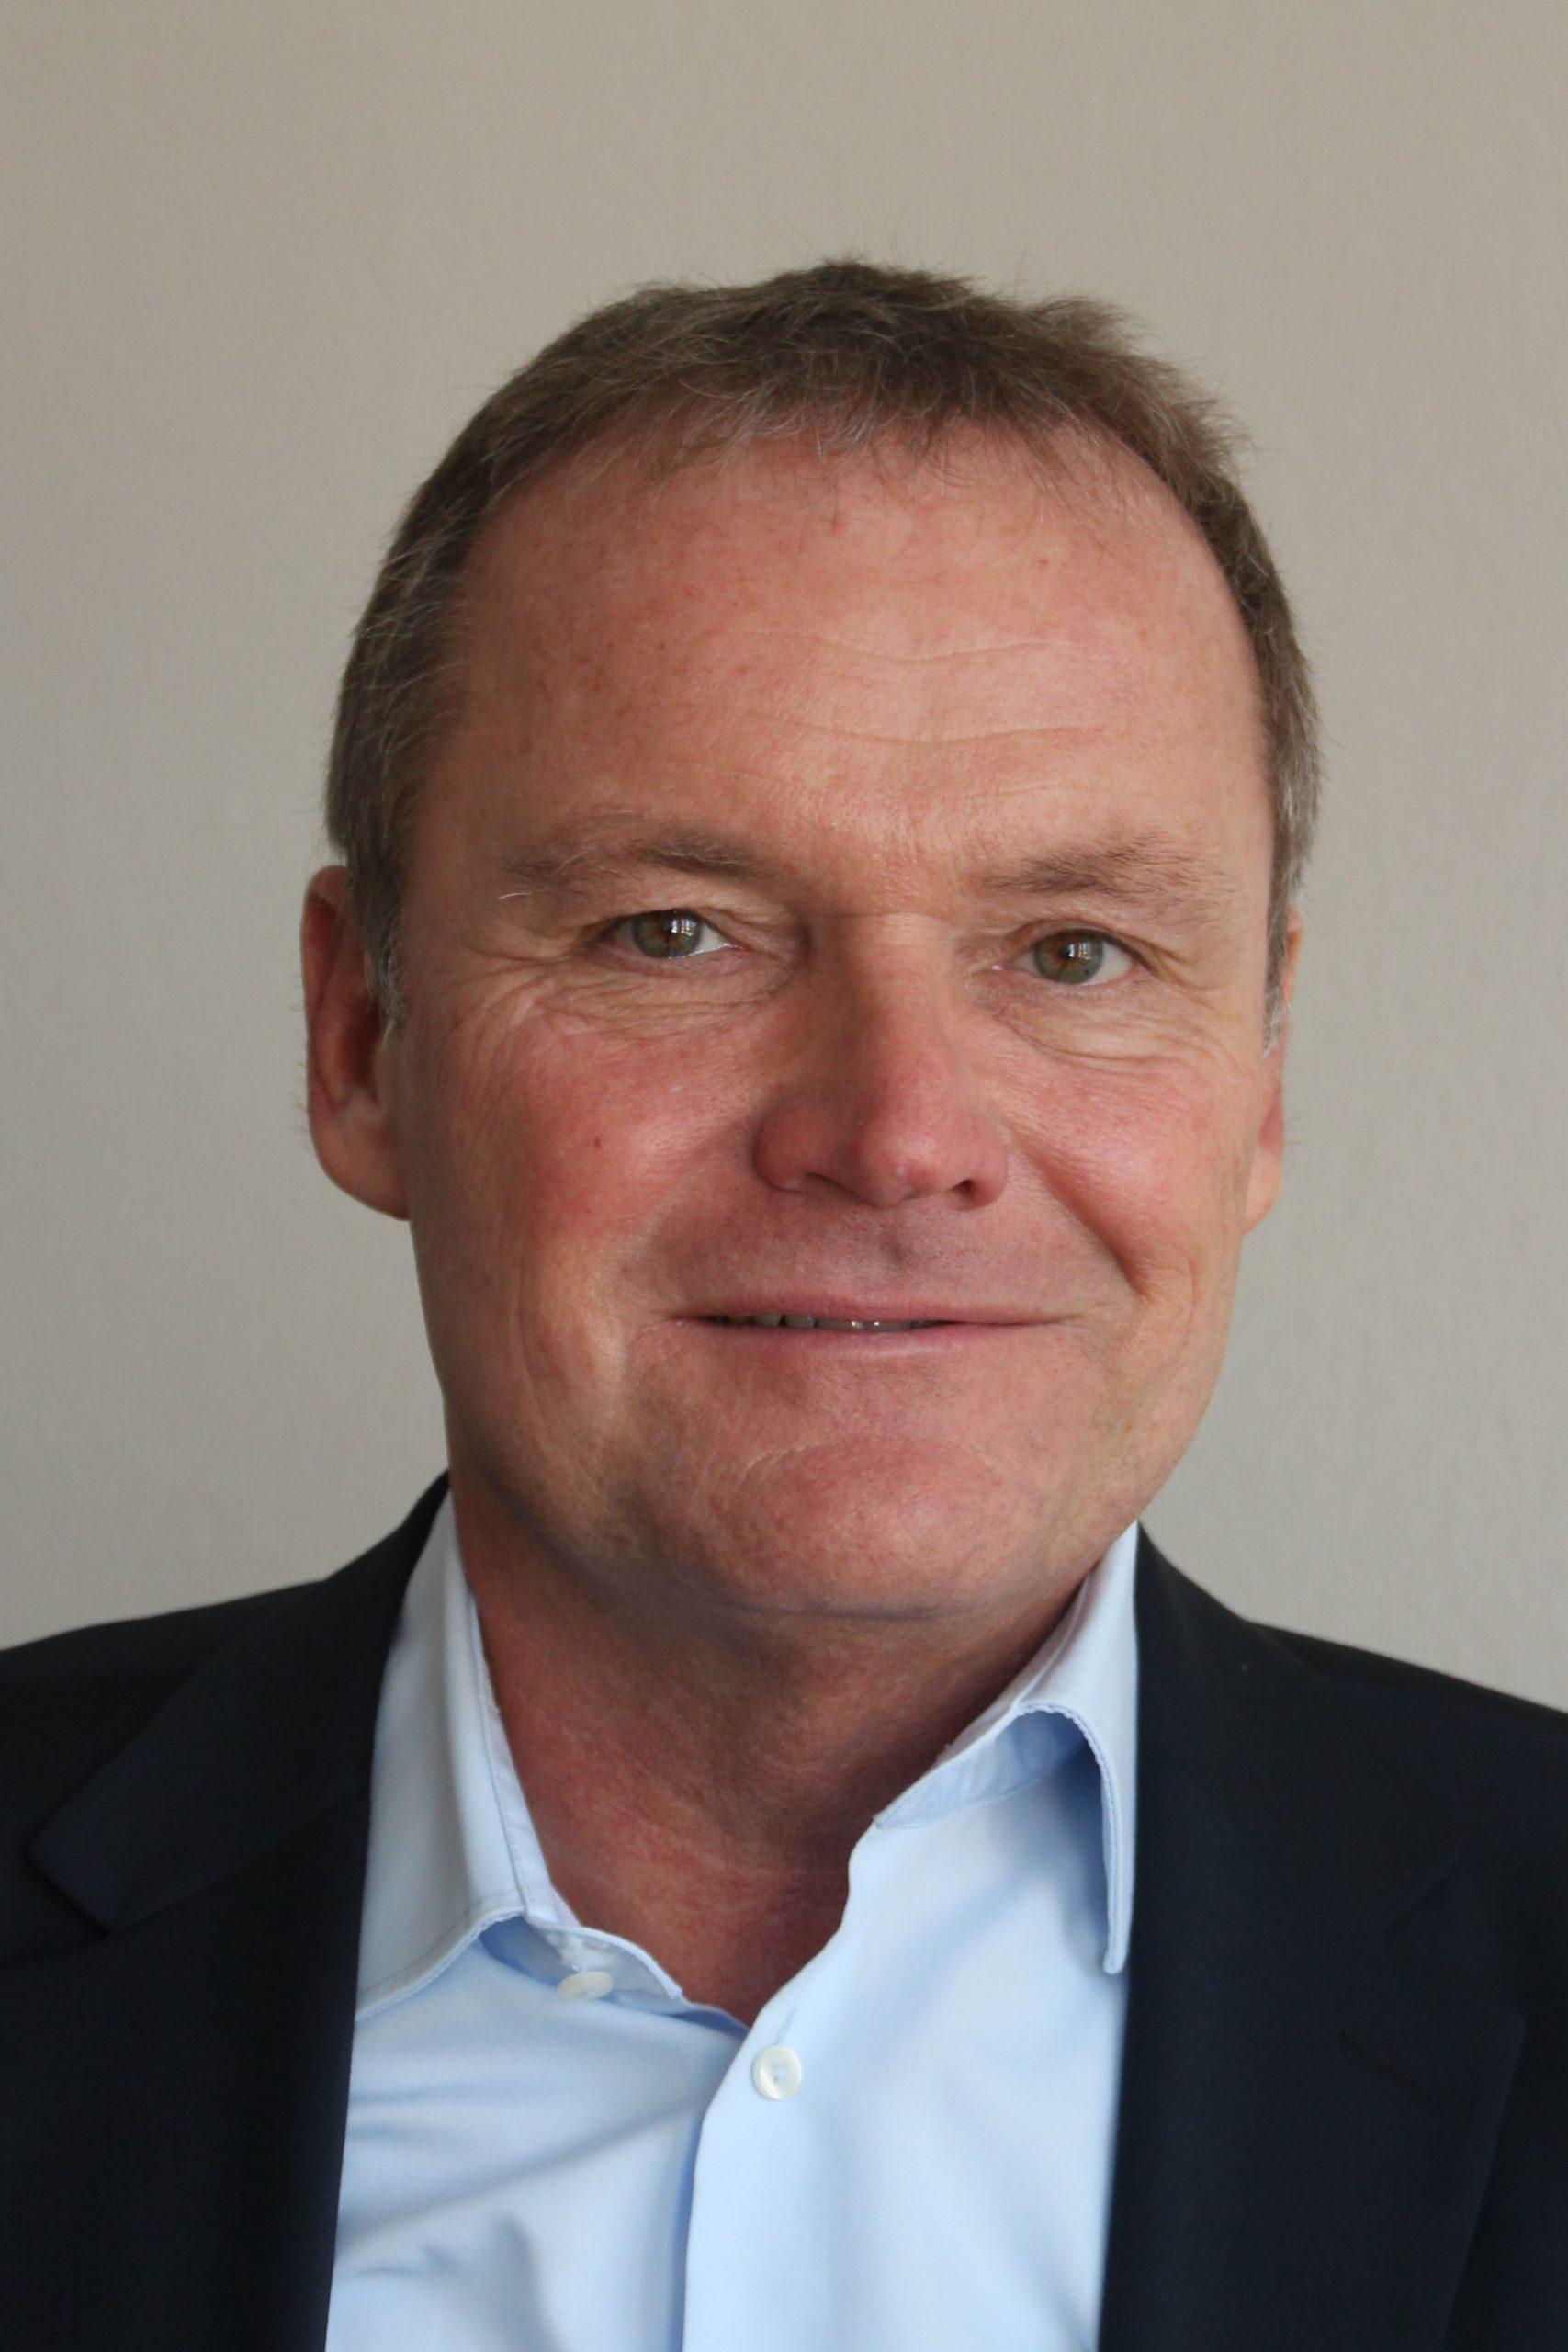 Christoph Schneidewin